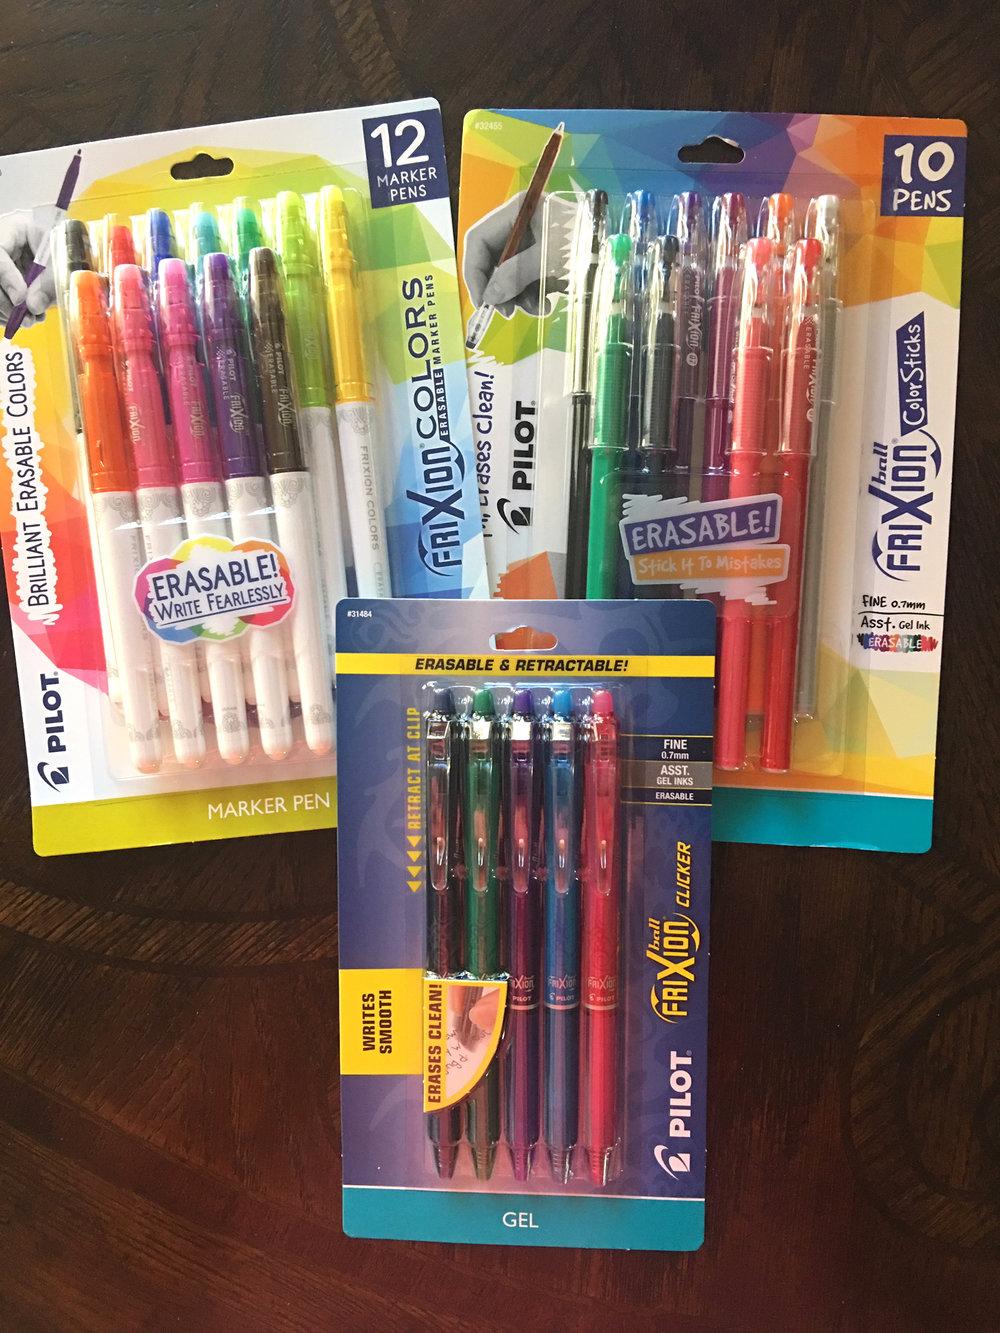 pilot erasable pens - Frixion ColorSticks